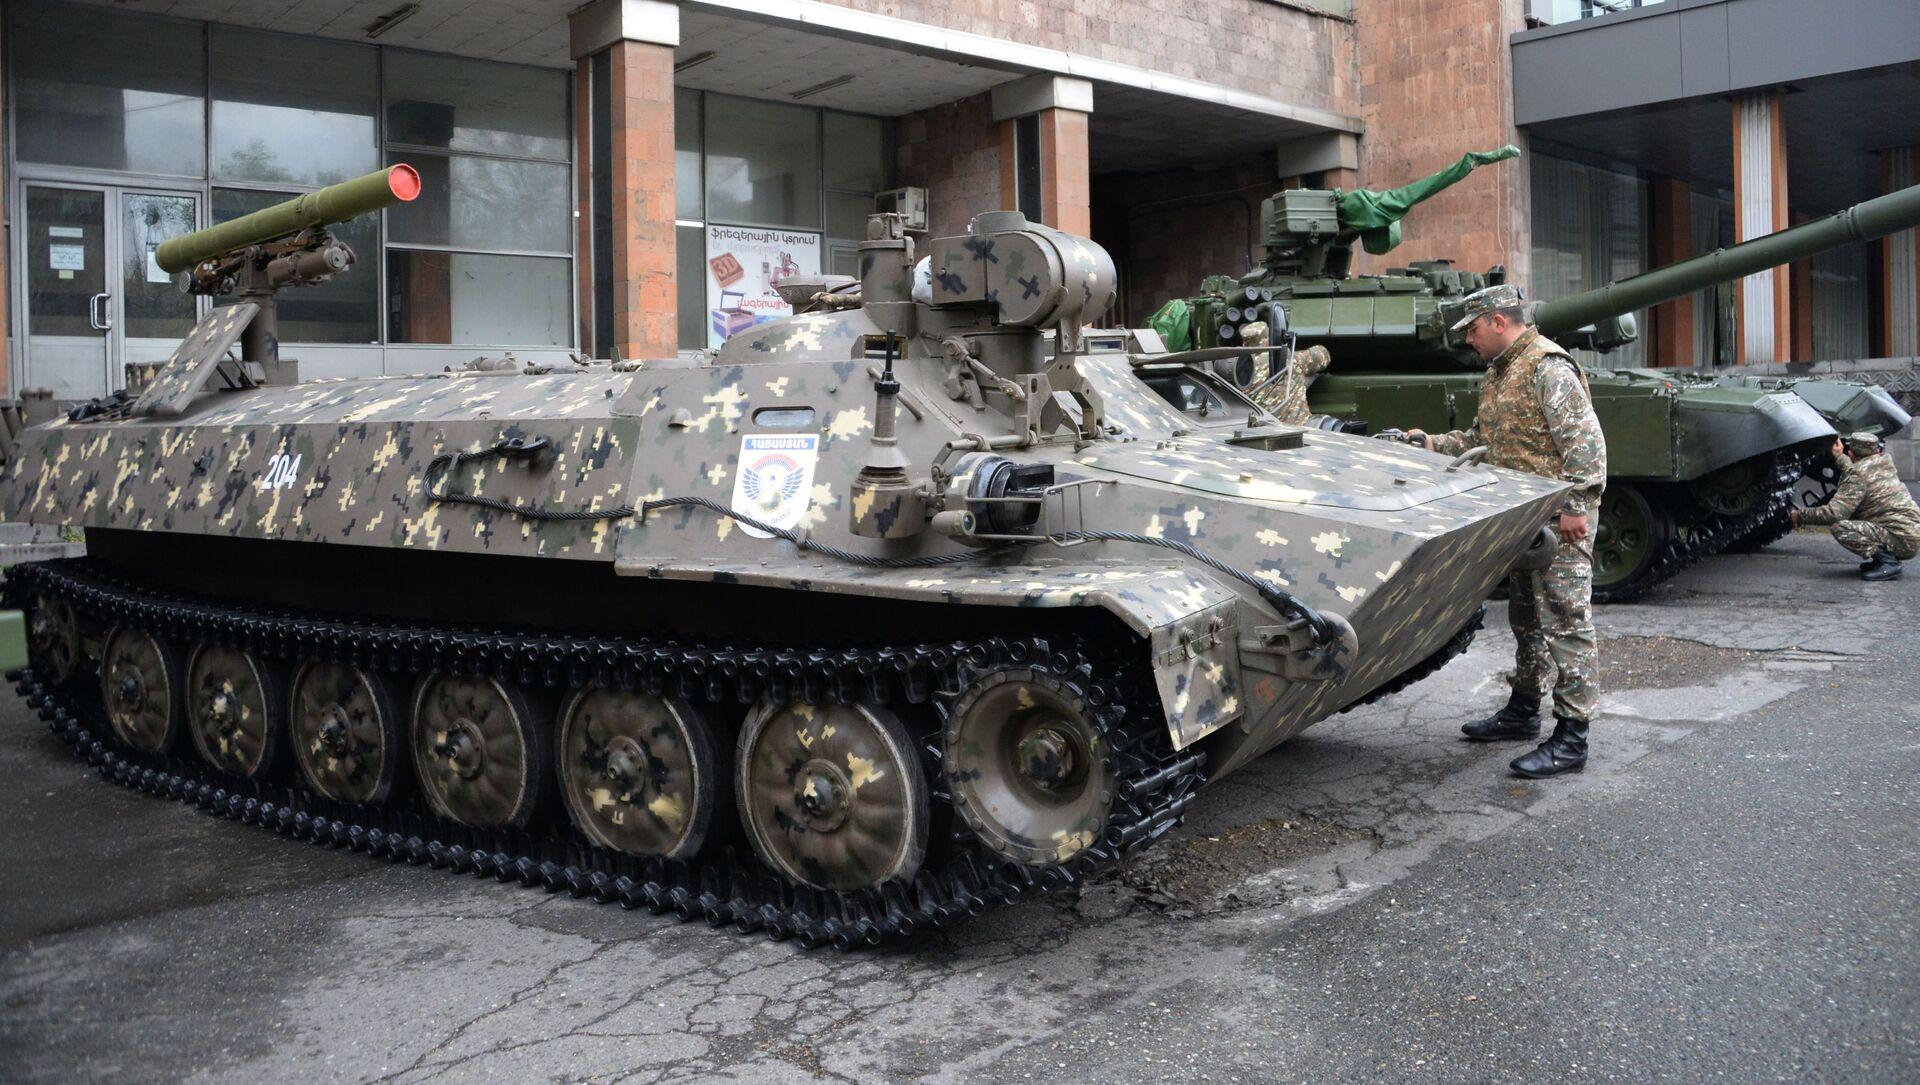 Xe chiến đấu của hệ thống tên lửa chống tăng Shturm-S tại triển lãm quốc tế về vũ khí và công nghệ quốc phòng ArmHiTec-2018 ở Yerevan - Sputnik Việt Nam, 1920, 29.05.2021